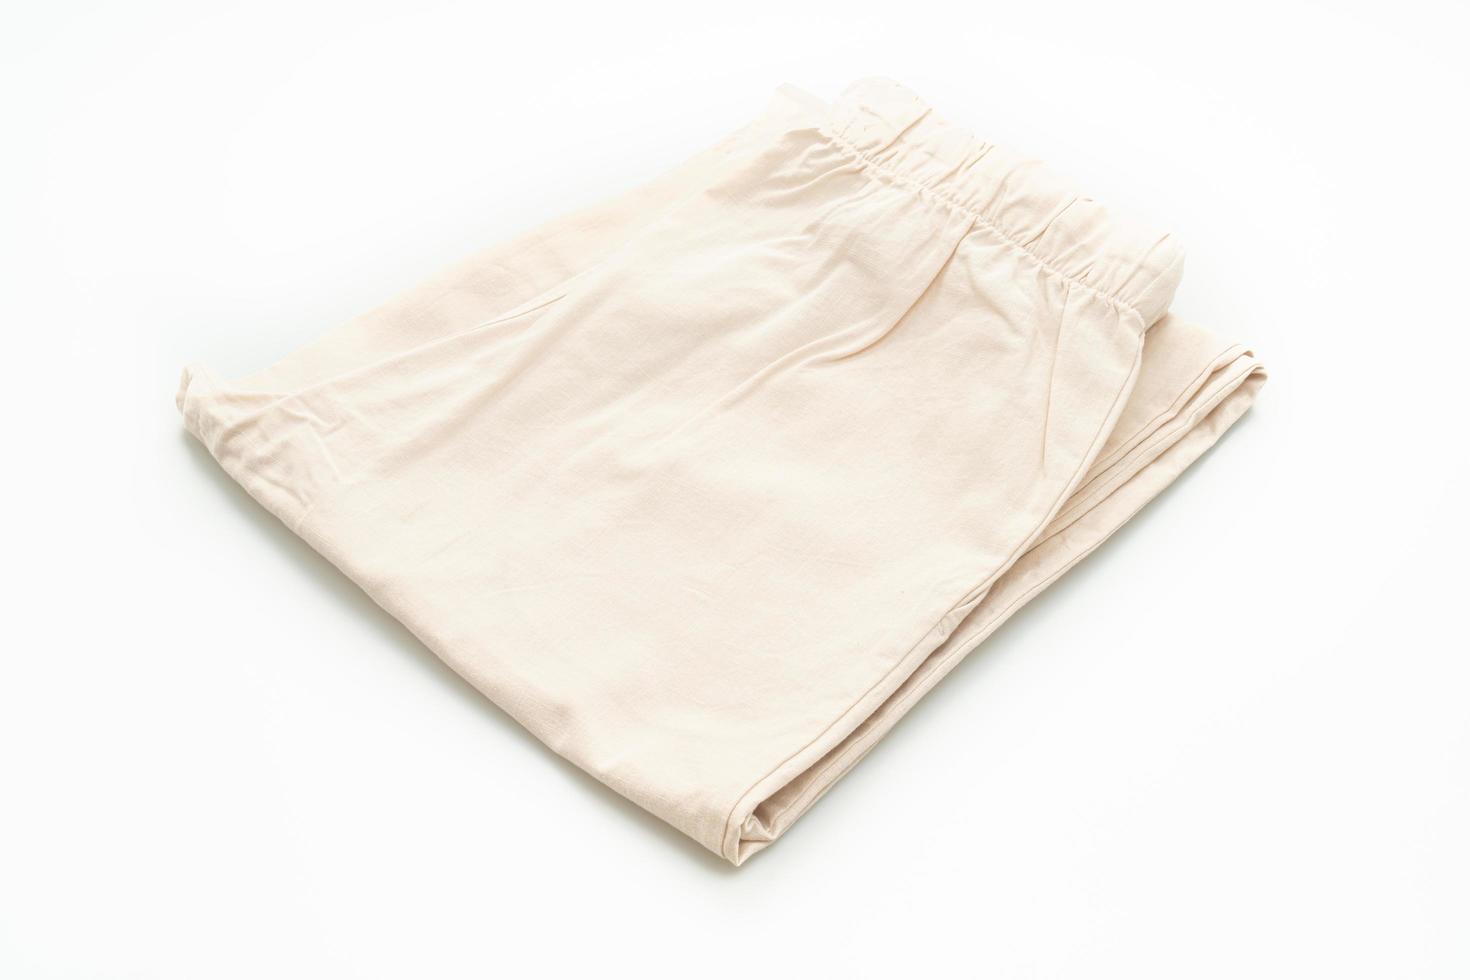 Beige Hose gefaltet isoliert auf weißem Hintergrund foto